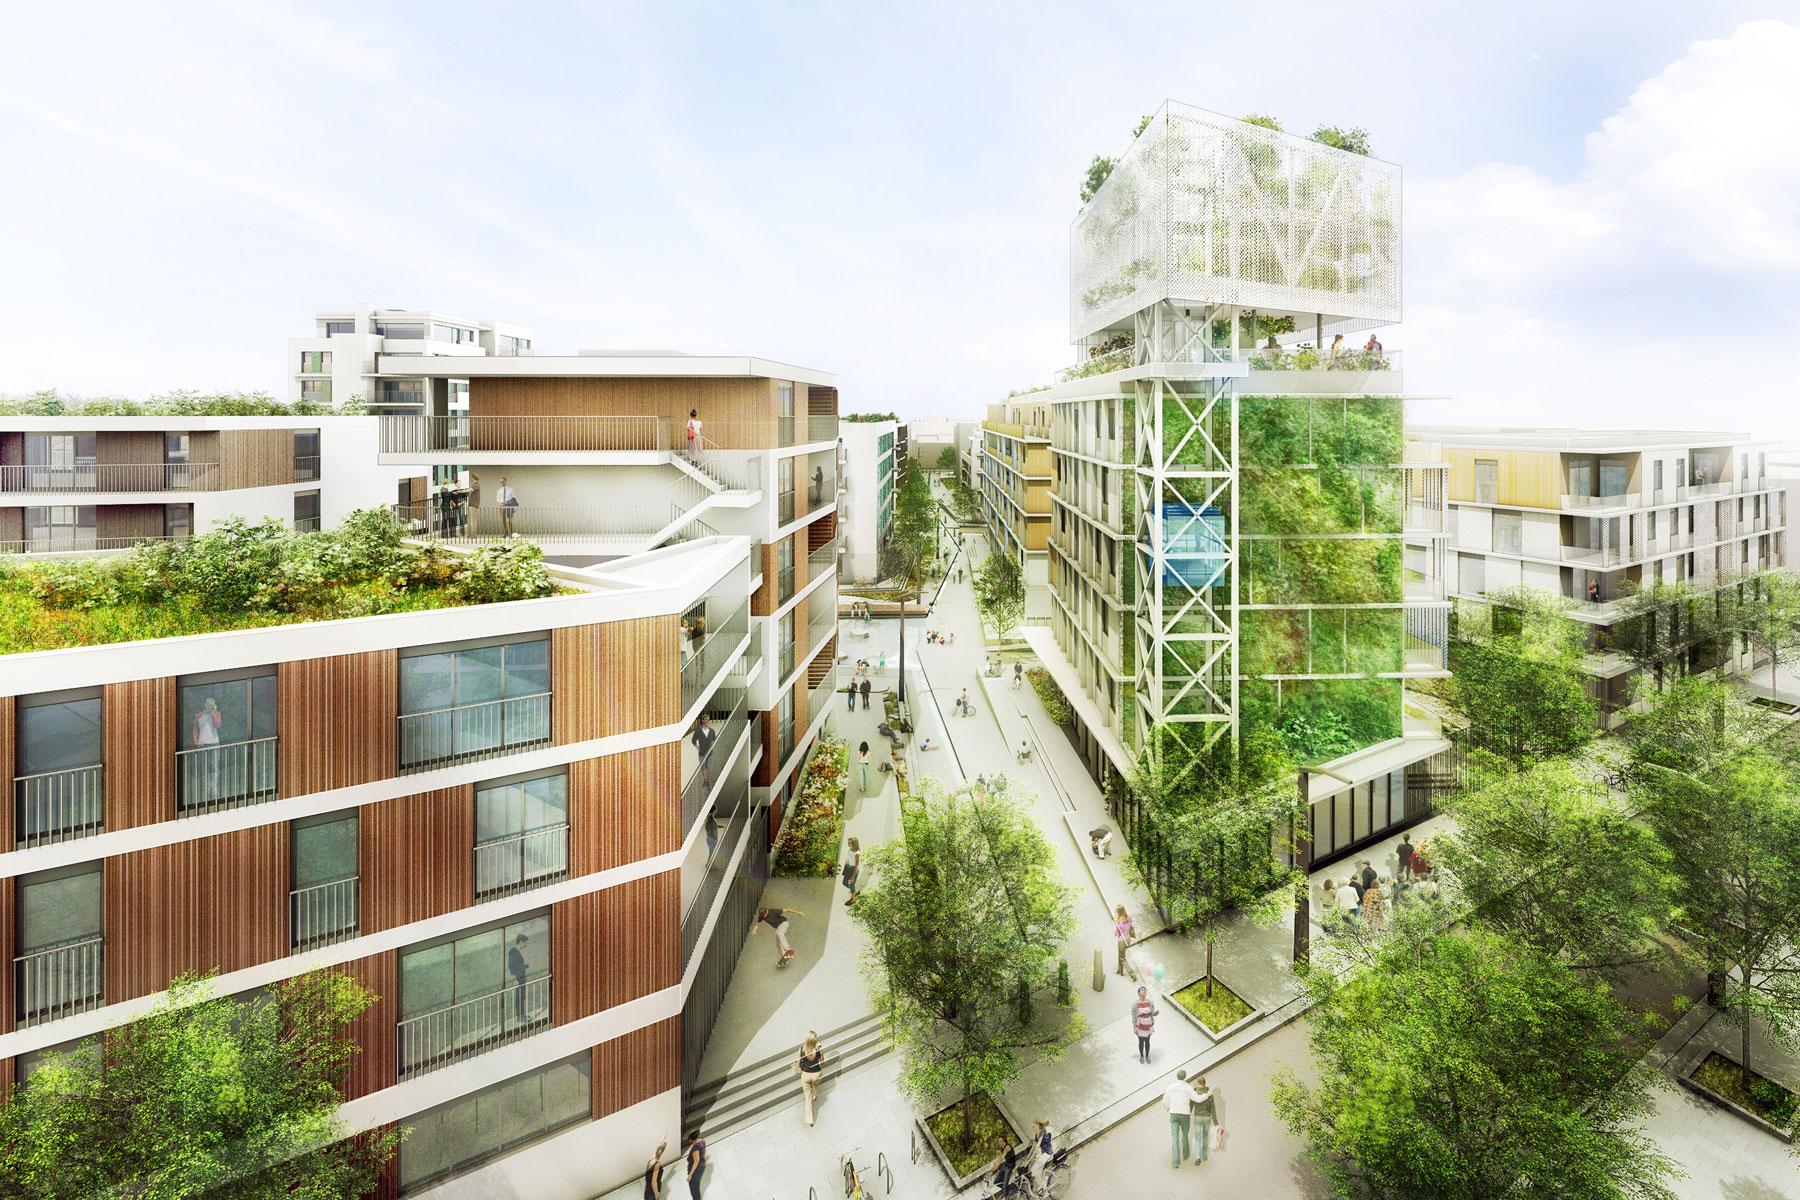 projet quartier durable